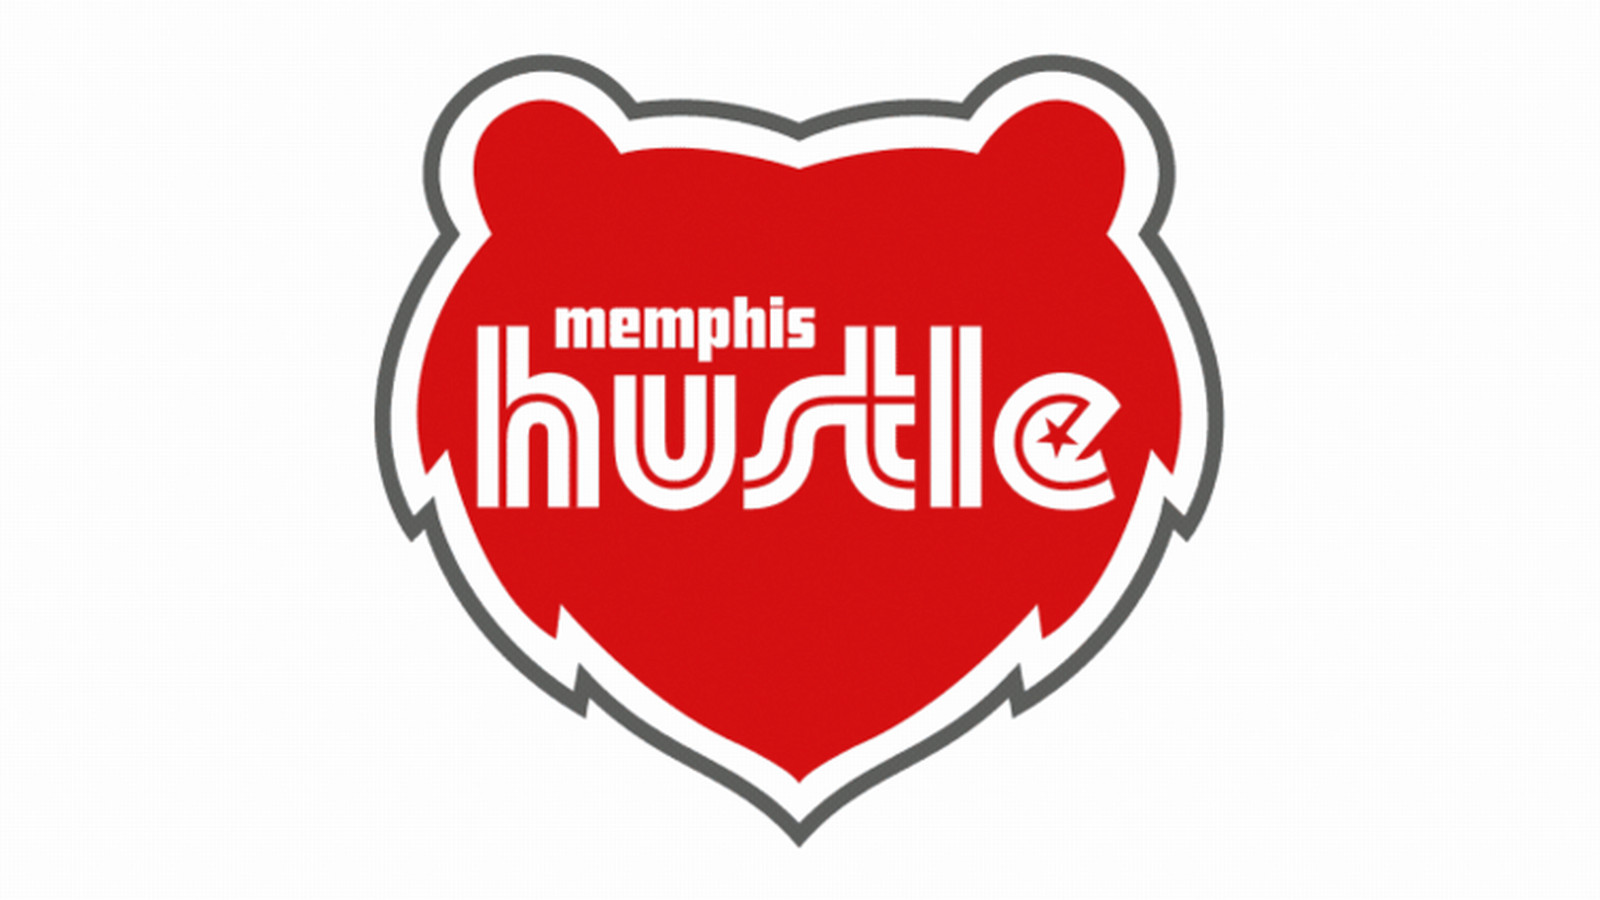 Memphis_hustle_logo_whitebg_777x442.0